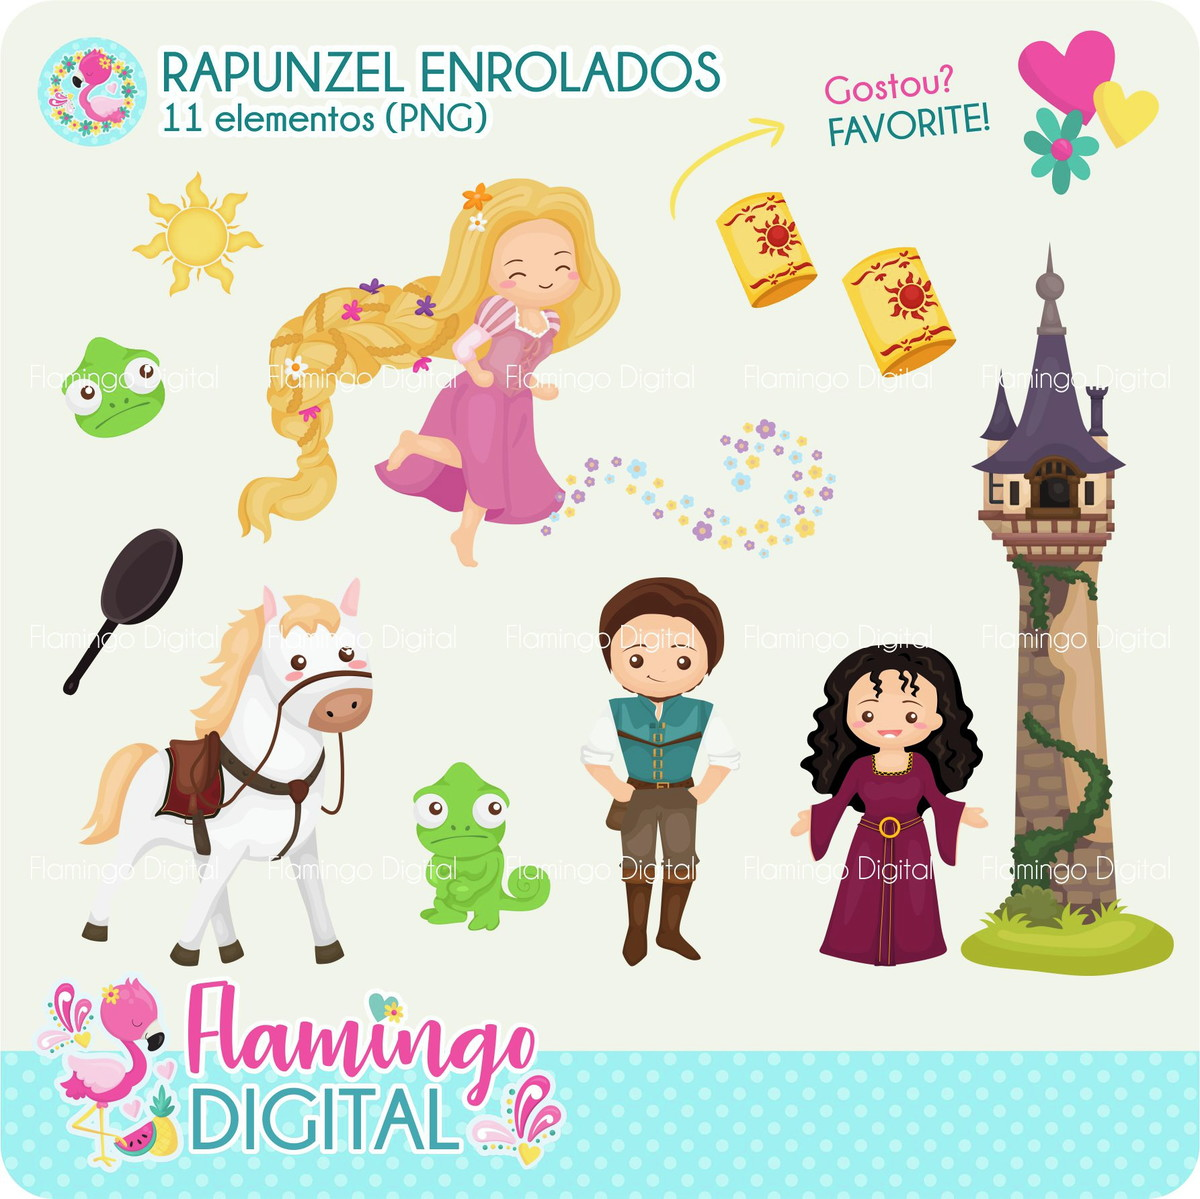 Cliparts Rapunzel Enrolados No Elo7 Flamingo Digital Ce33c4